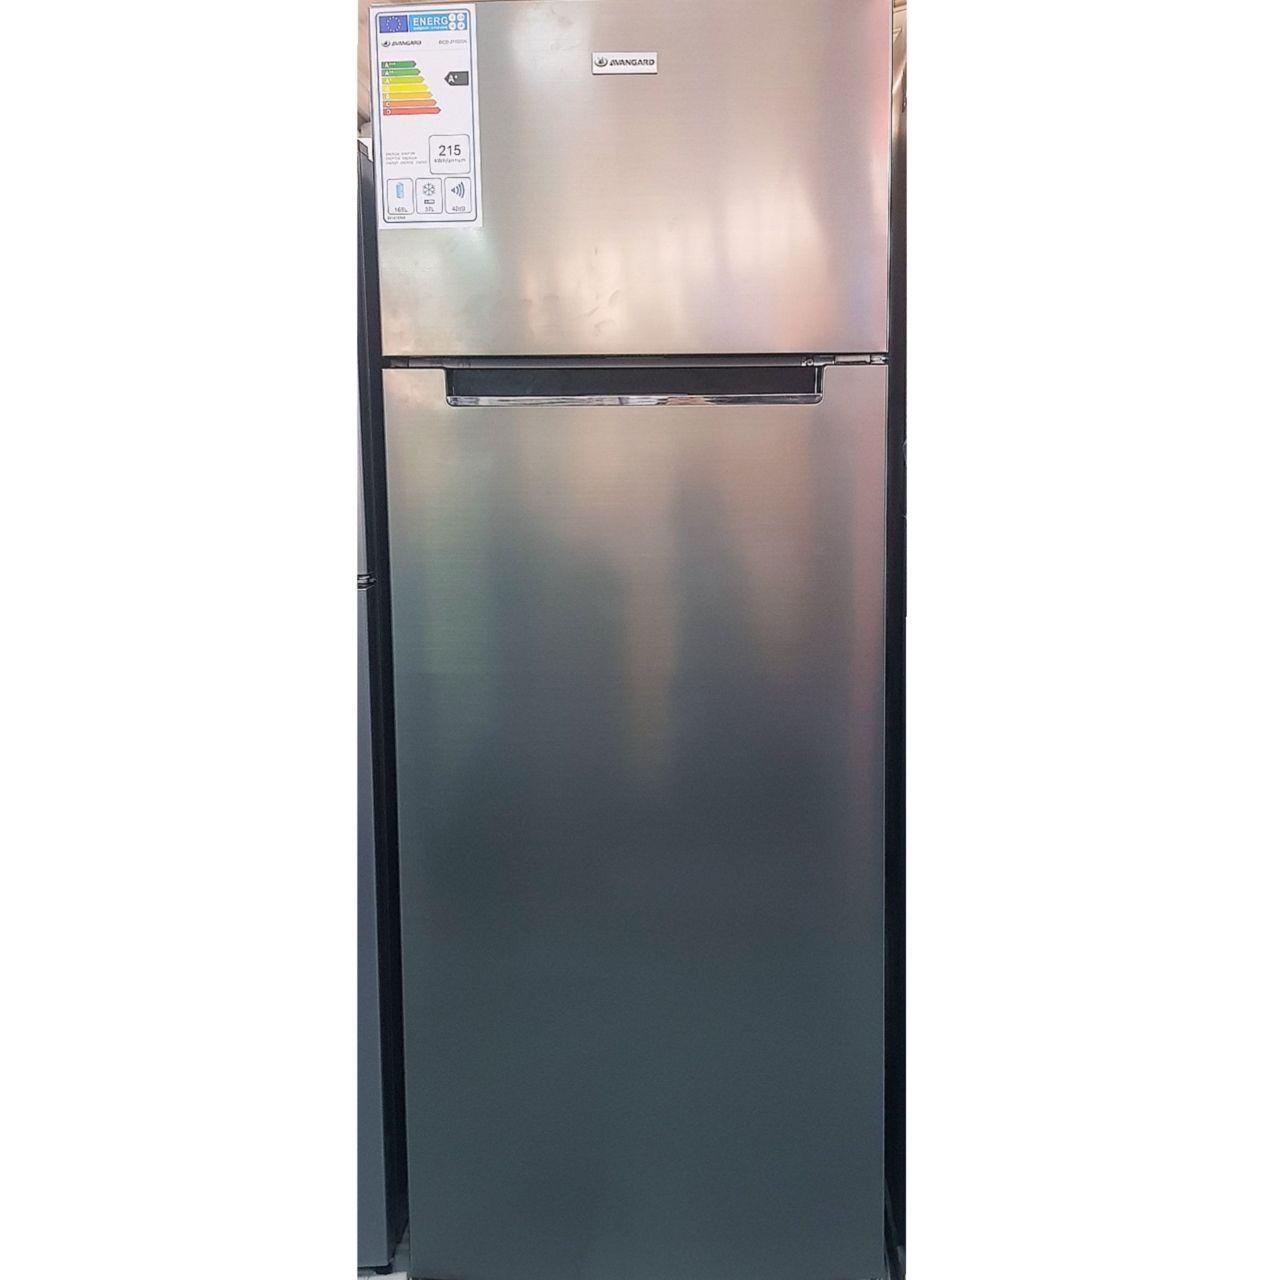 Холодильник двухкамерый Avangard 218 литров